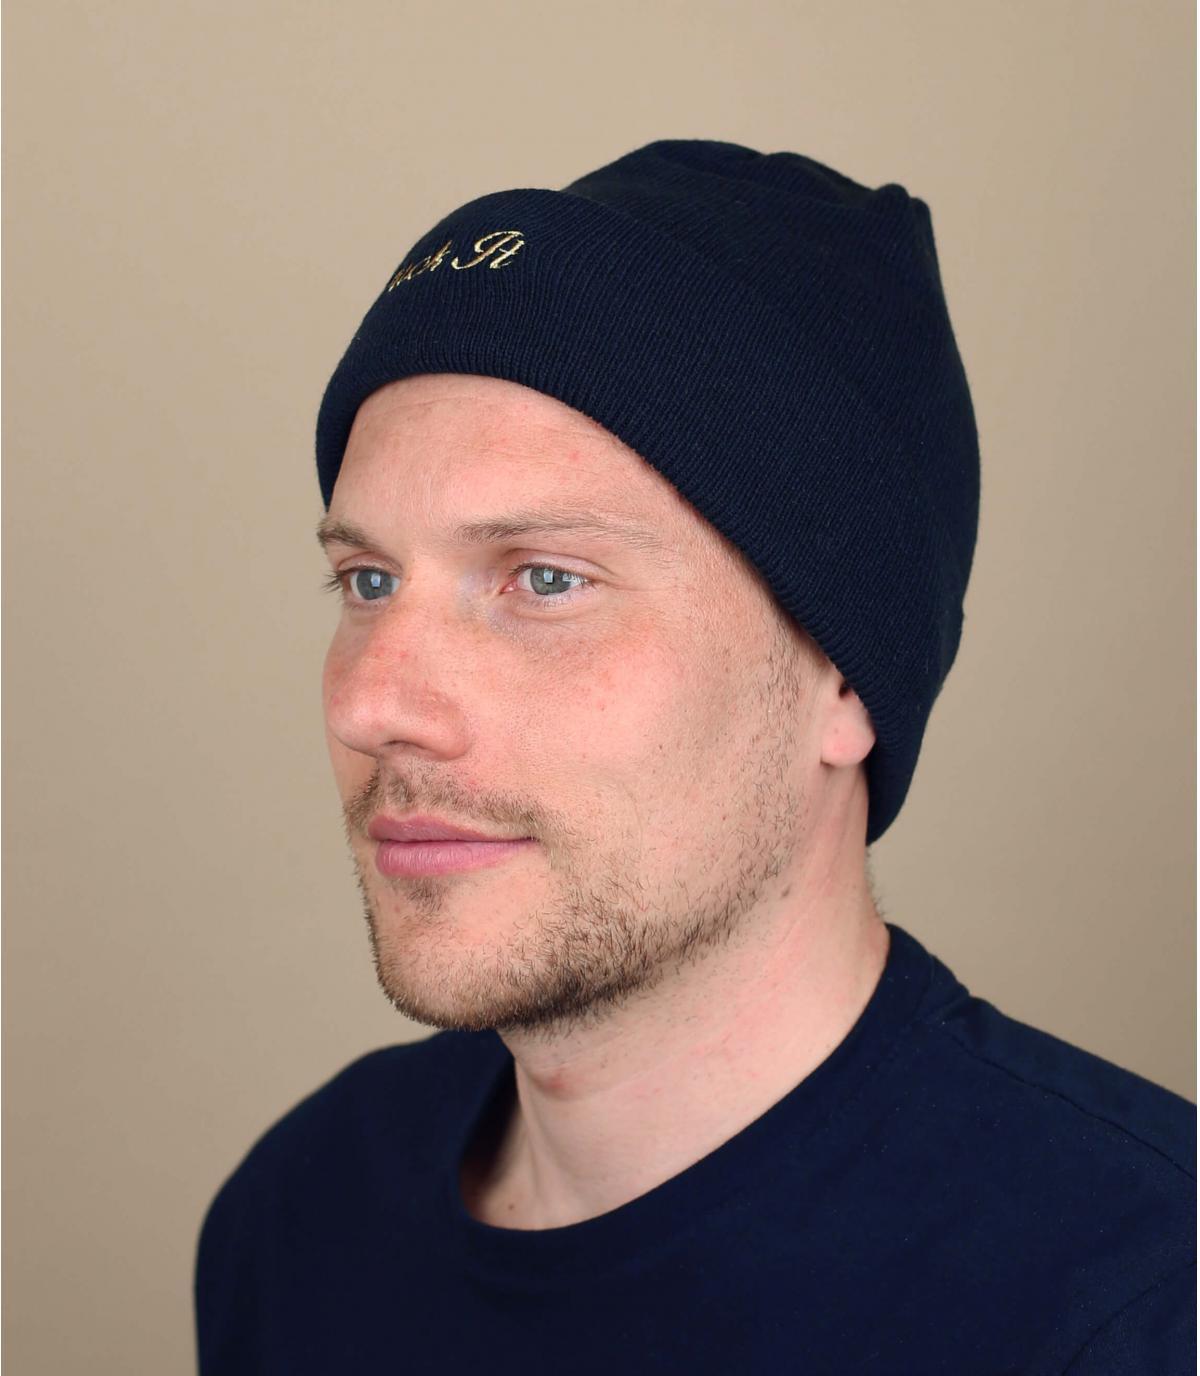 Cappello reversibile Huf blu